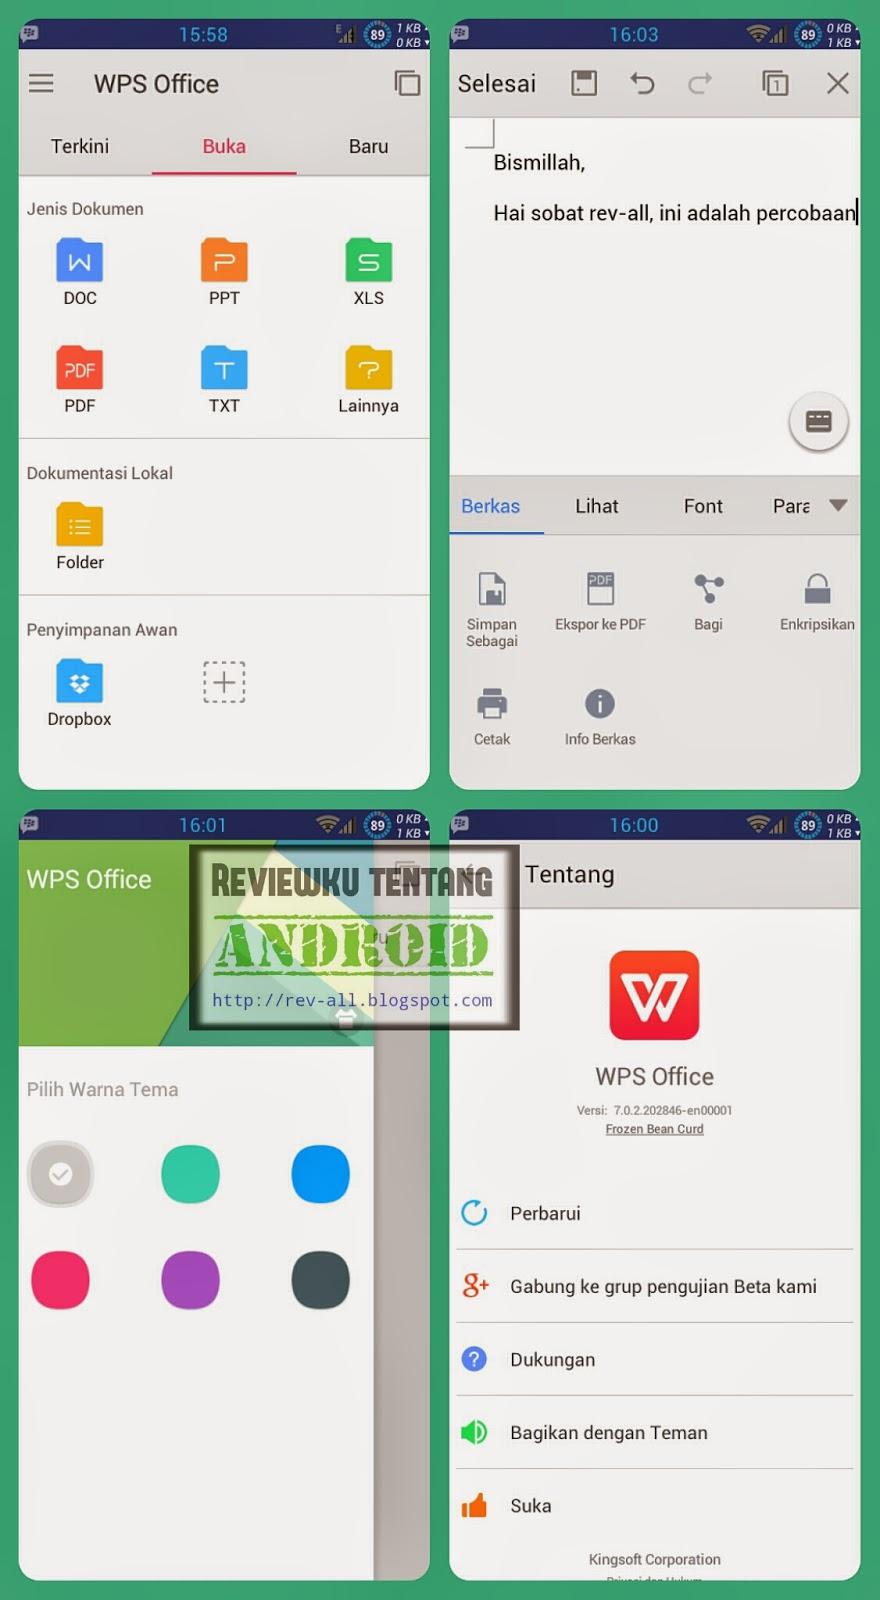 Tampilan aplikasi WPS OFFICE + PDF (Kingsoft Office) - membuat dan membuka dokumen jadi mudah dan gratis di android (rev-all.blogspot.com)